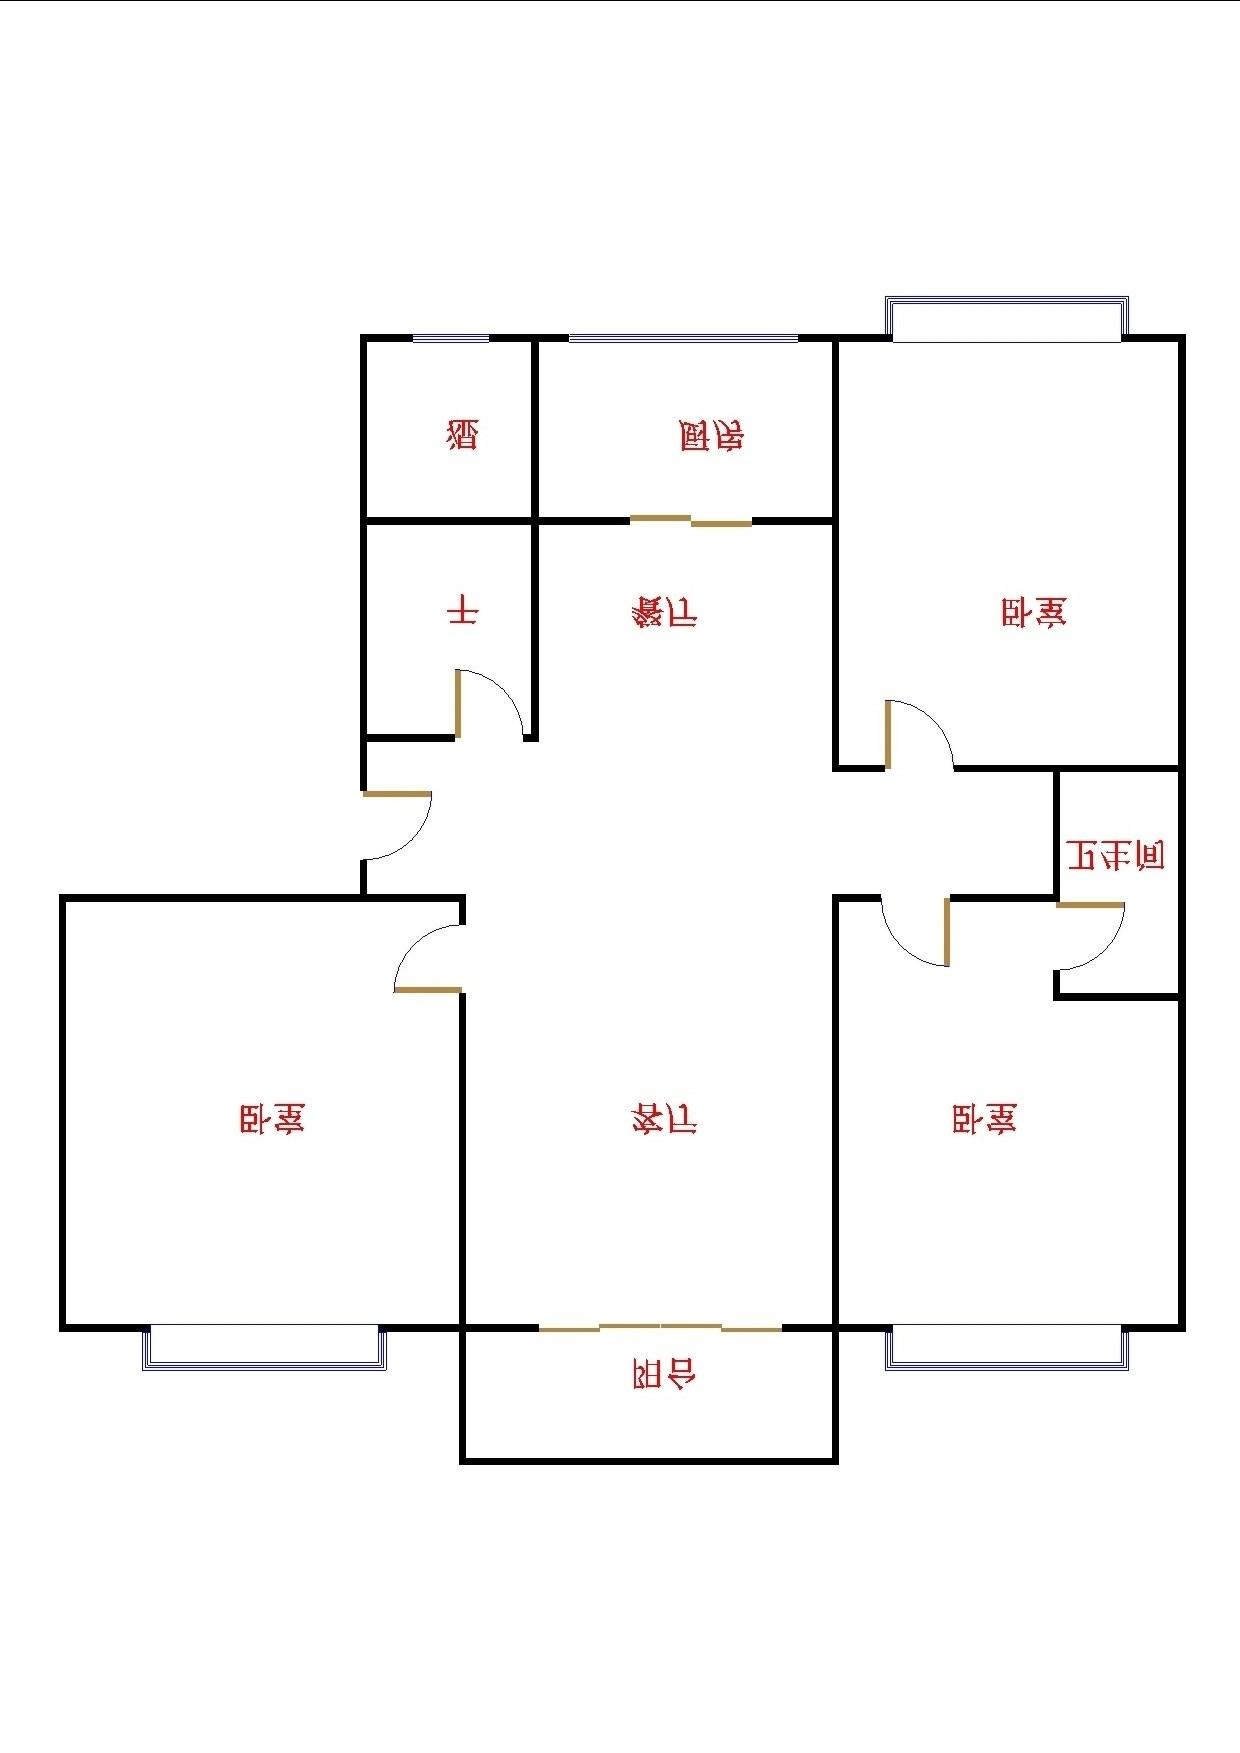 金鼎公馆 3室2厅 20楼